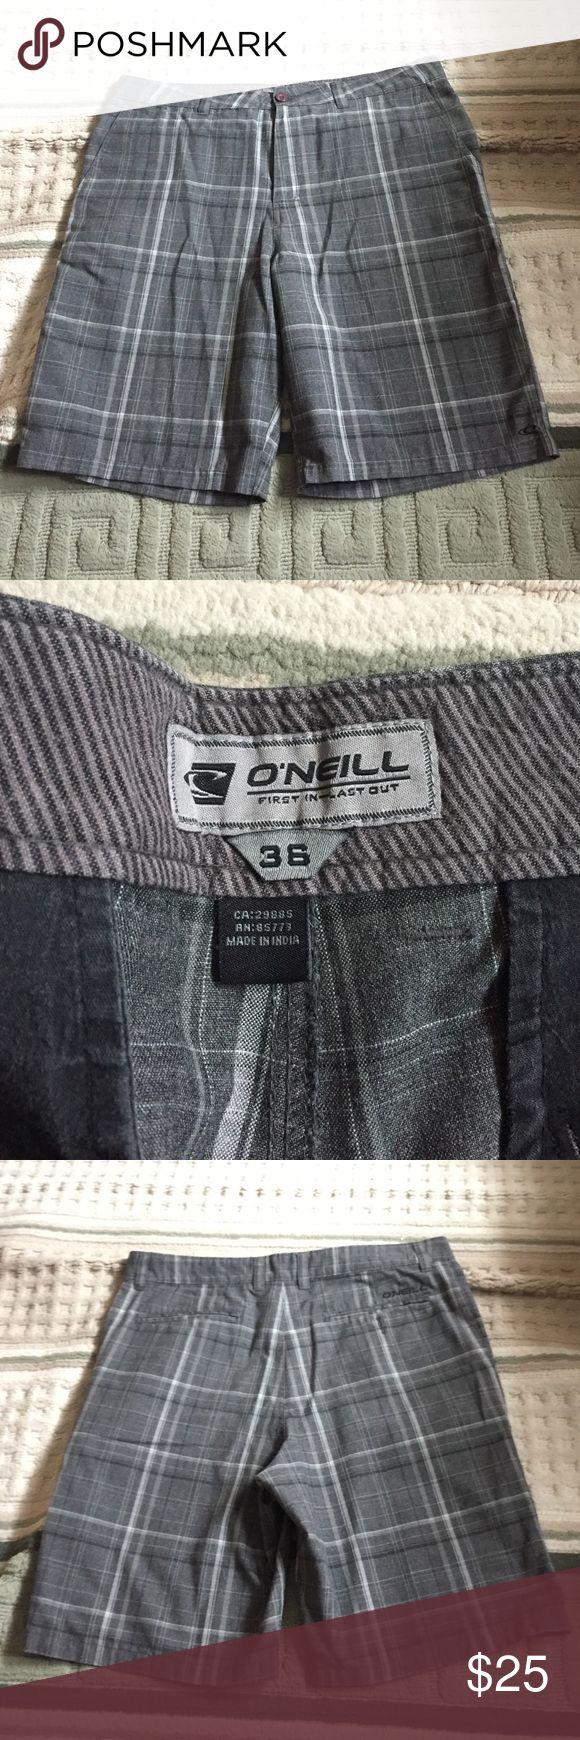 O'NEILL plaid shorts O'Neill plaid gray shorts O'Neill Shorts Flat Front